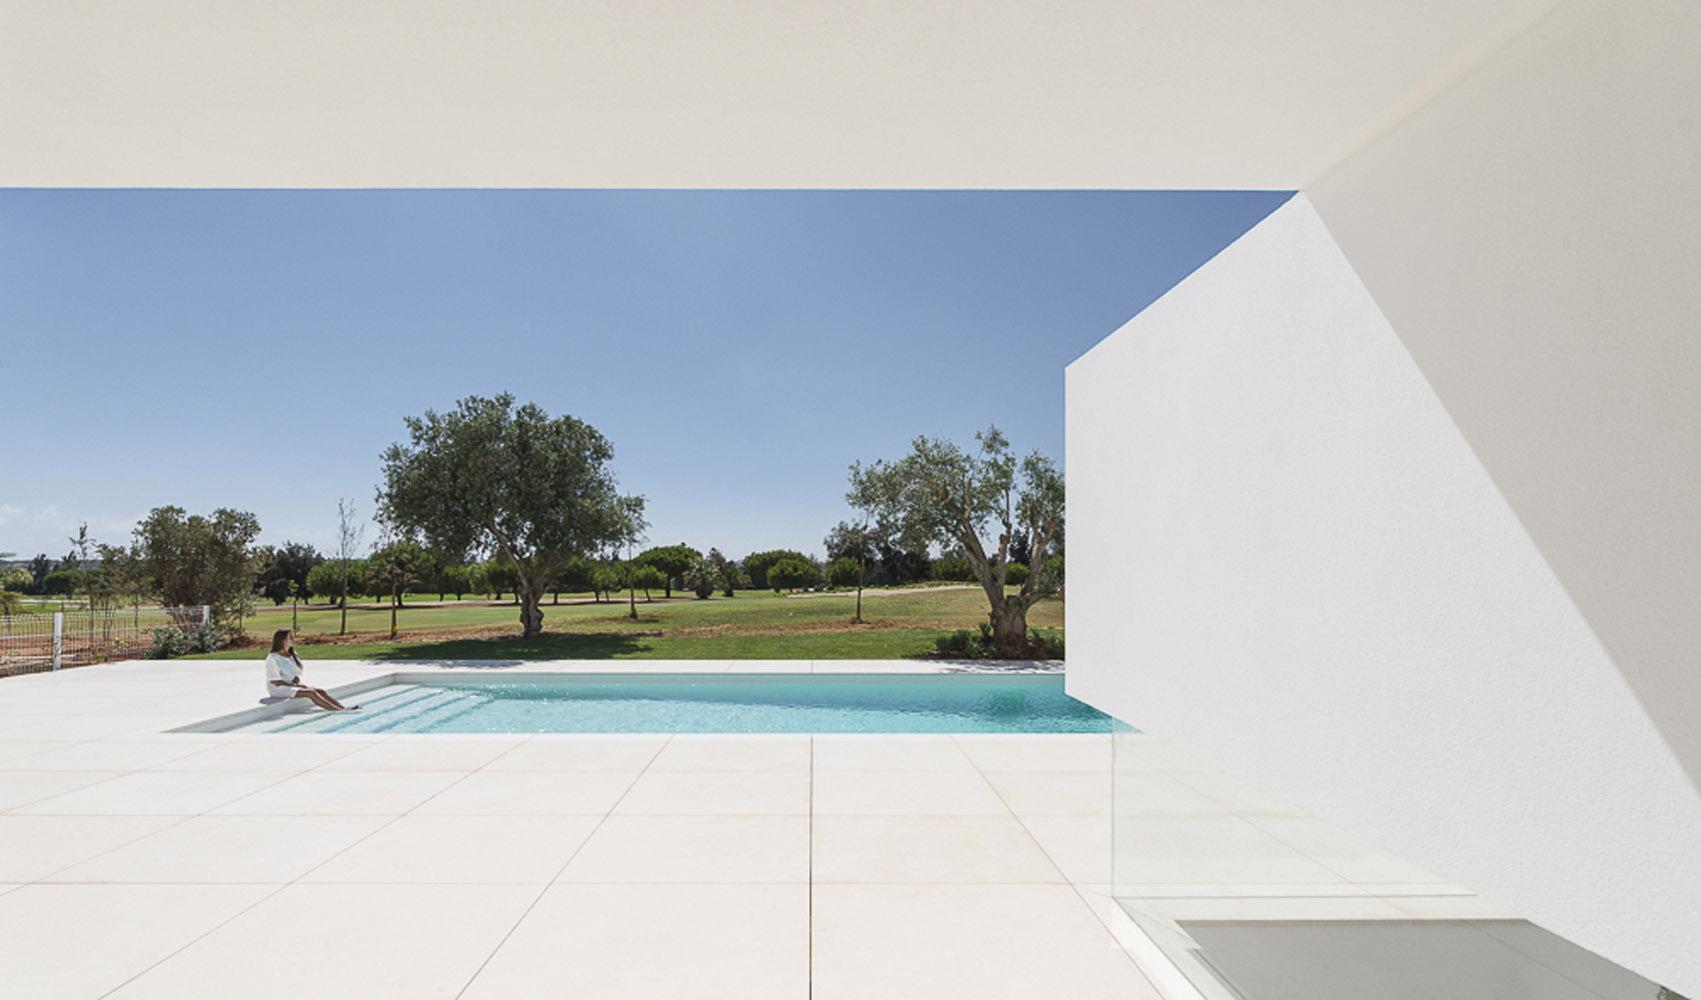 Casas de ensue o una espectacular vivienda minimalista for Casa de lujo minimalista y espectacular con piscina por a cero